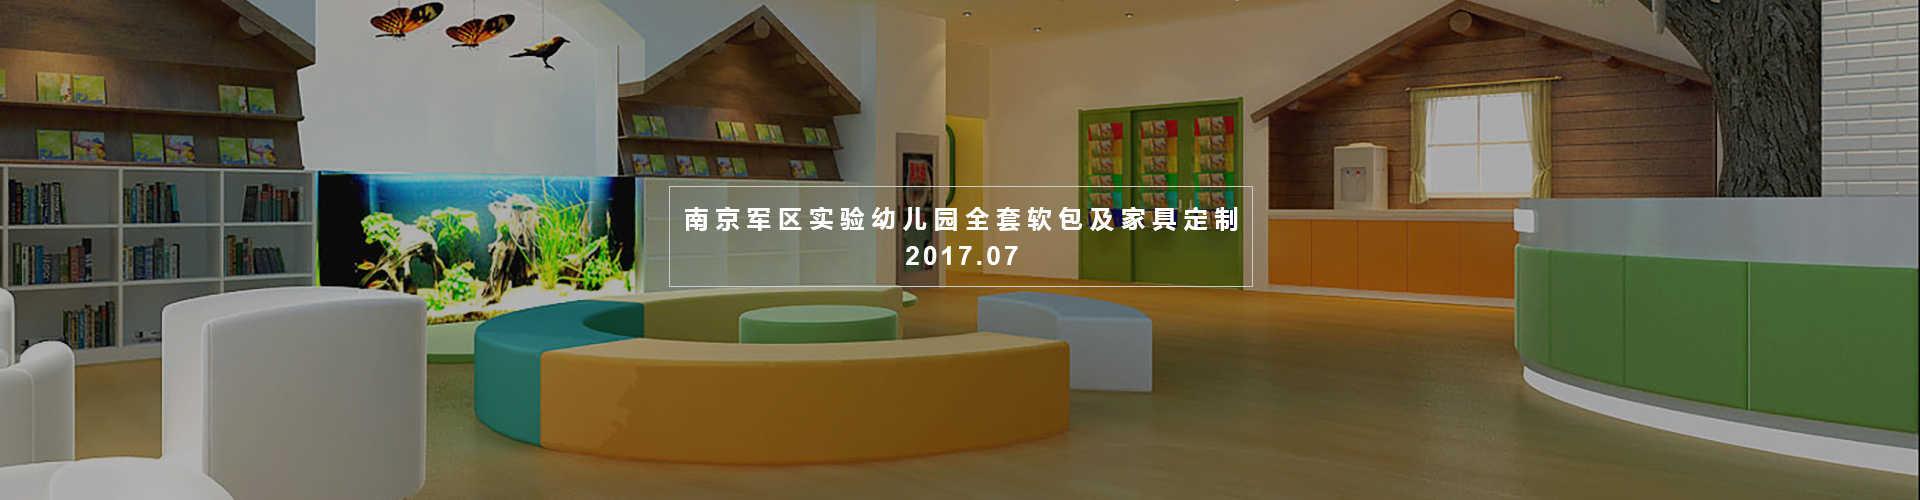 南京军区实验幼儿园